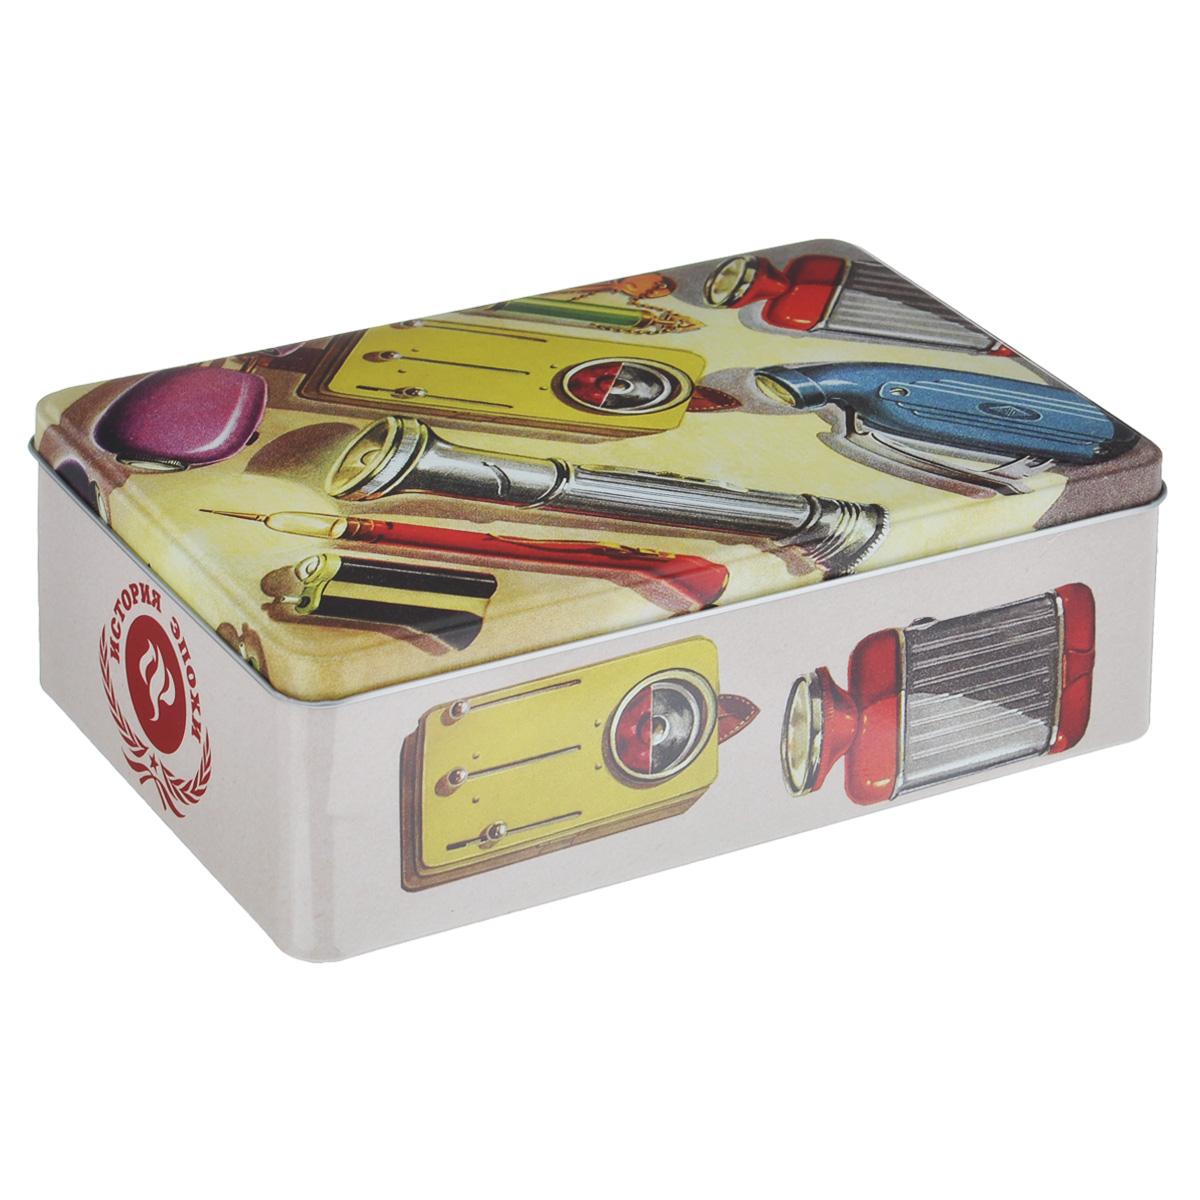 Фото - Коробка для хранения Феникс-презент Инструменты, 20 см х 13 см х 6,5 см фоторамка феникс презент велосипед 10 см х 15 см